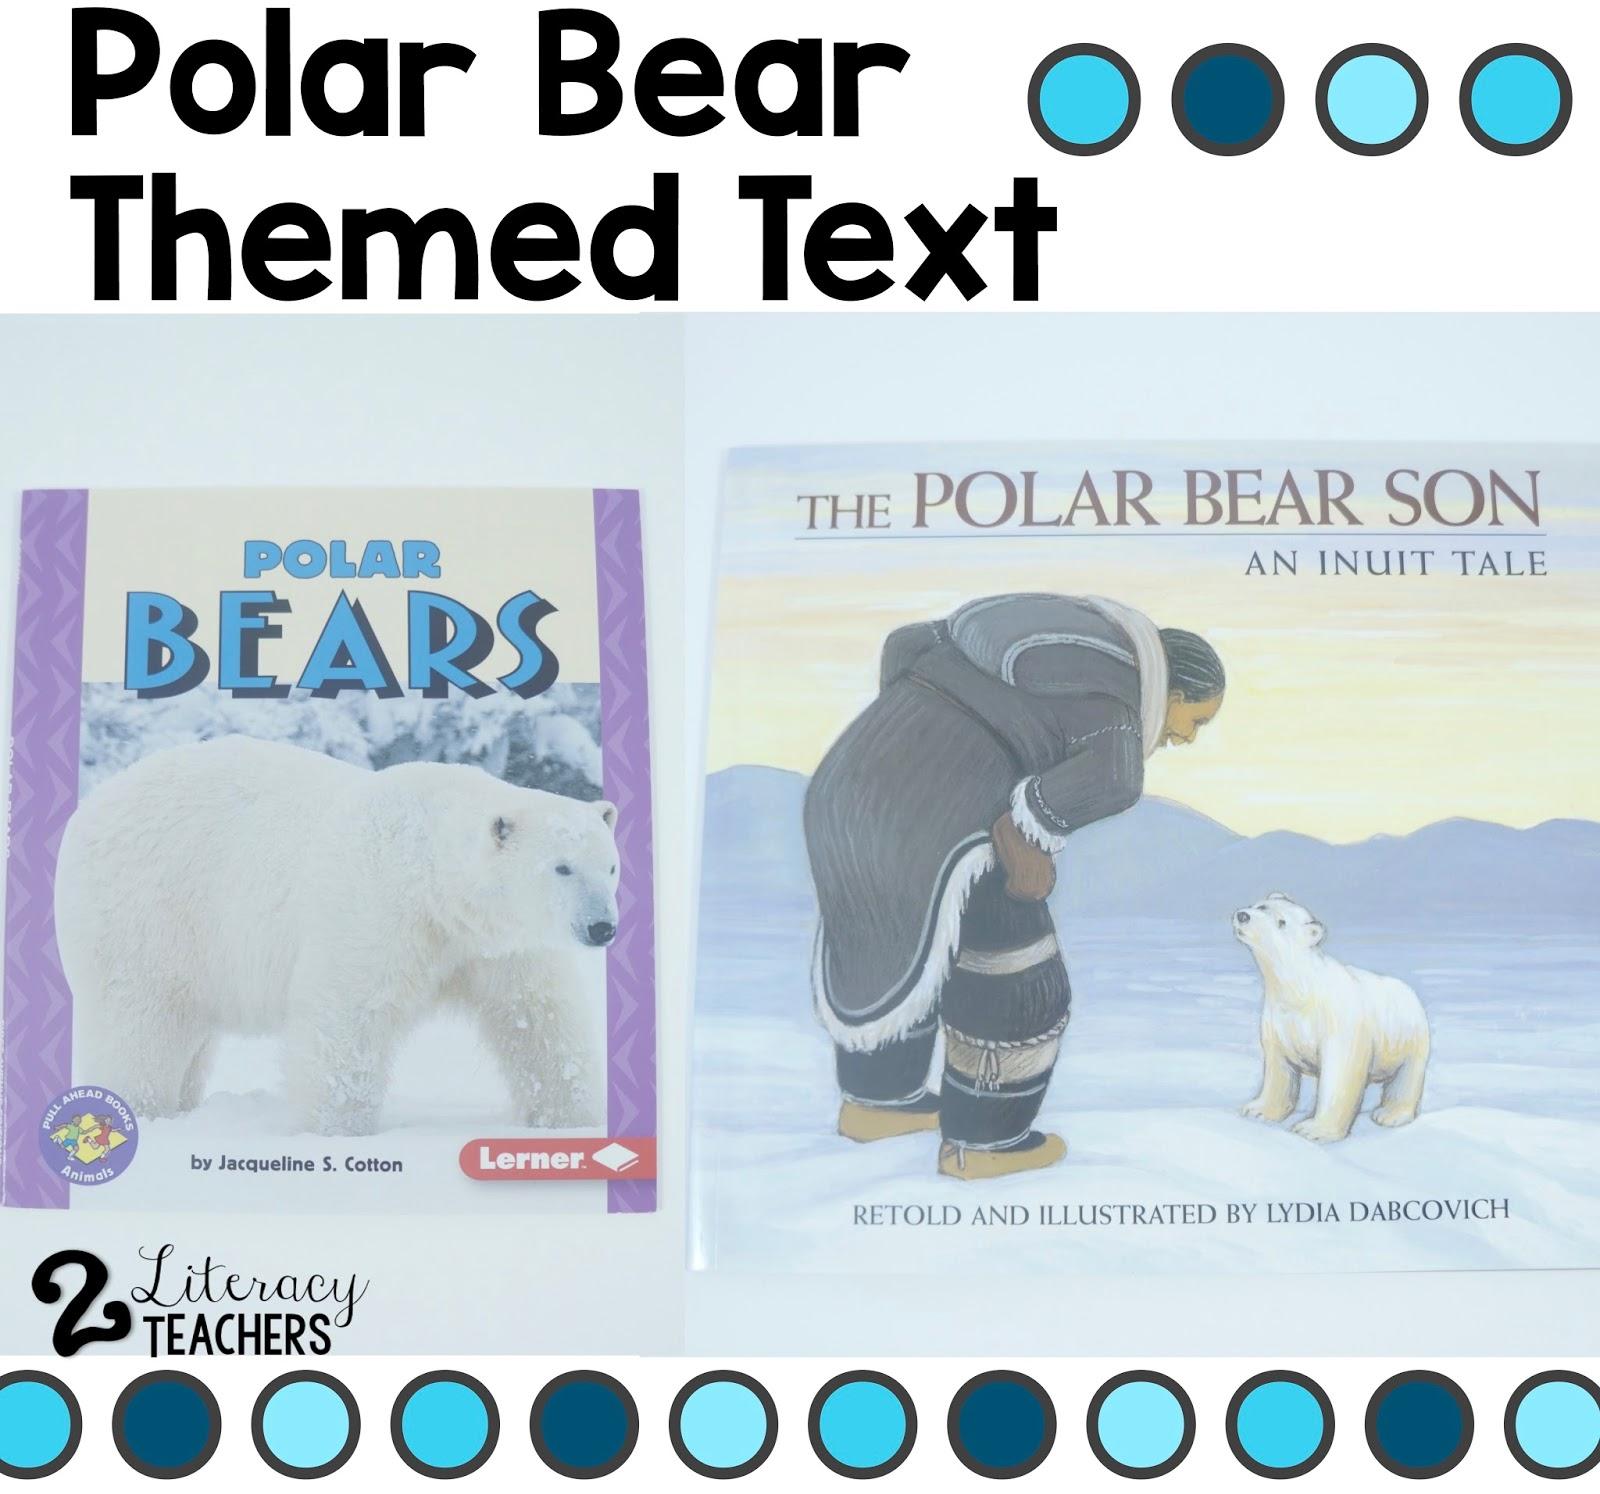 2 Literacy Teachers Teaching Reading With A Polar Bear